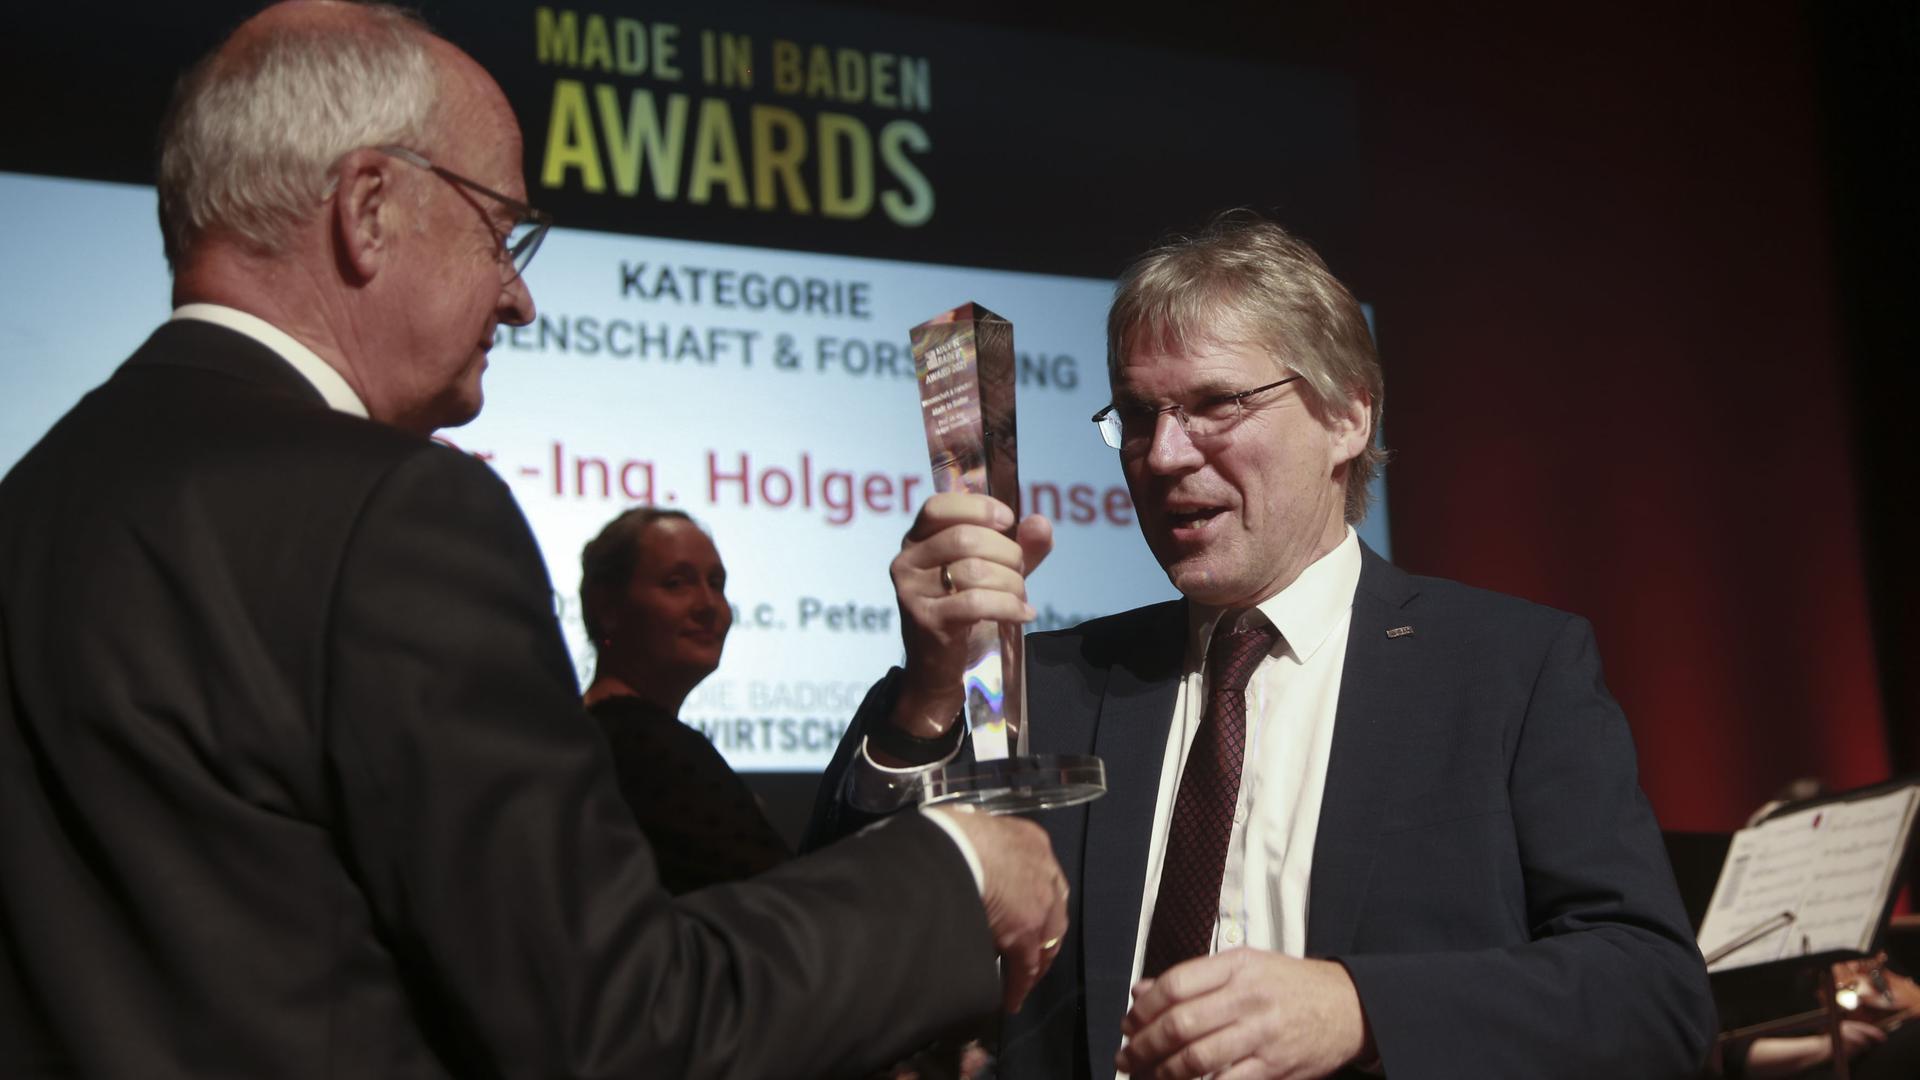 Die Laudatio auf den Karlsruher KIT-Präsidenten Holger Hanselka hielt der frühere Wissenschaftsminister Peter Frankenberg.